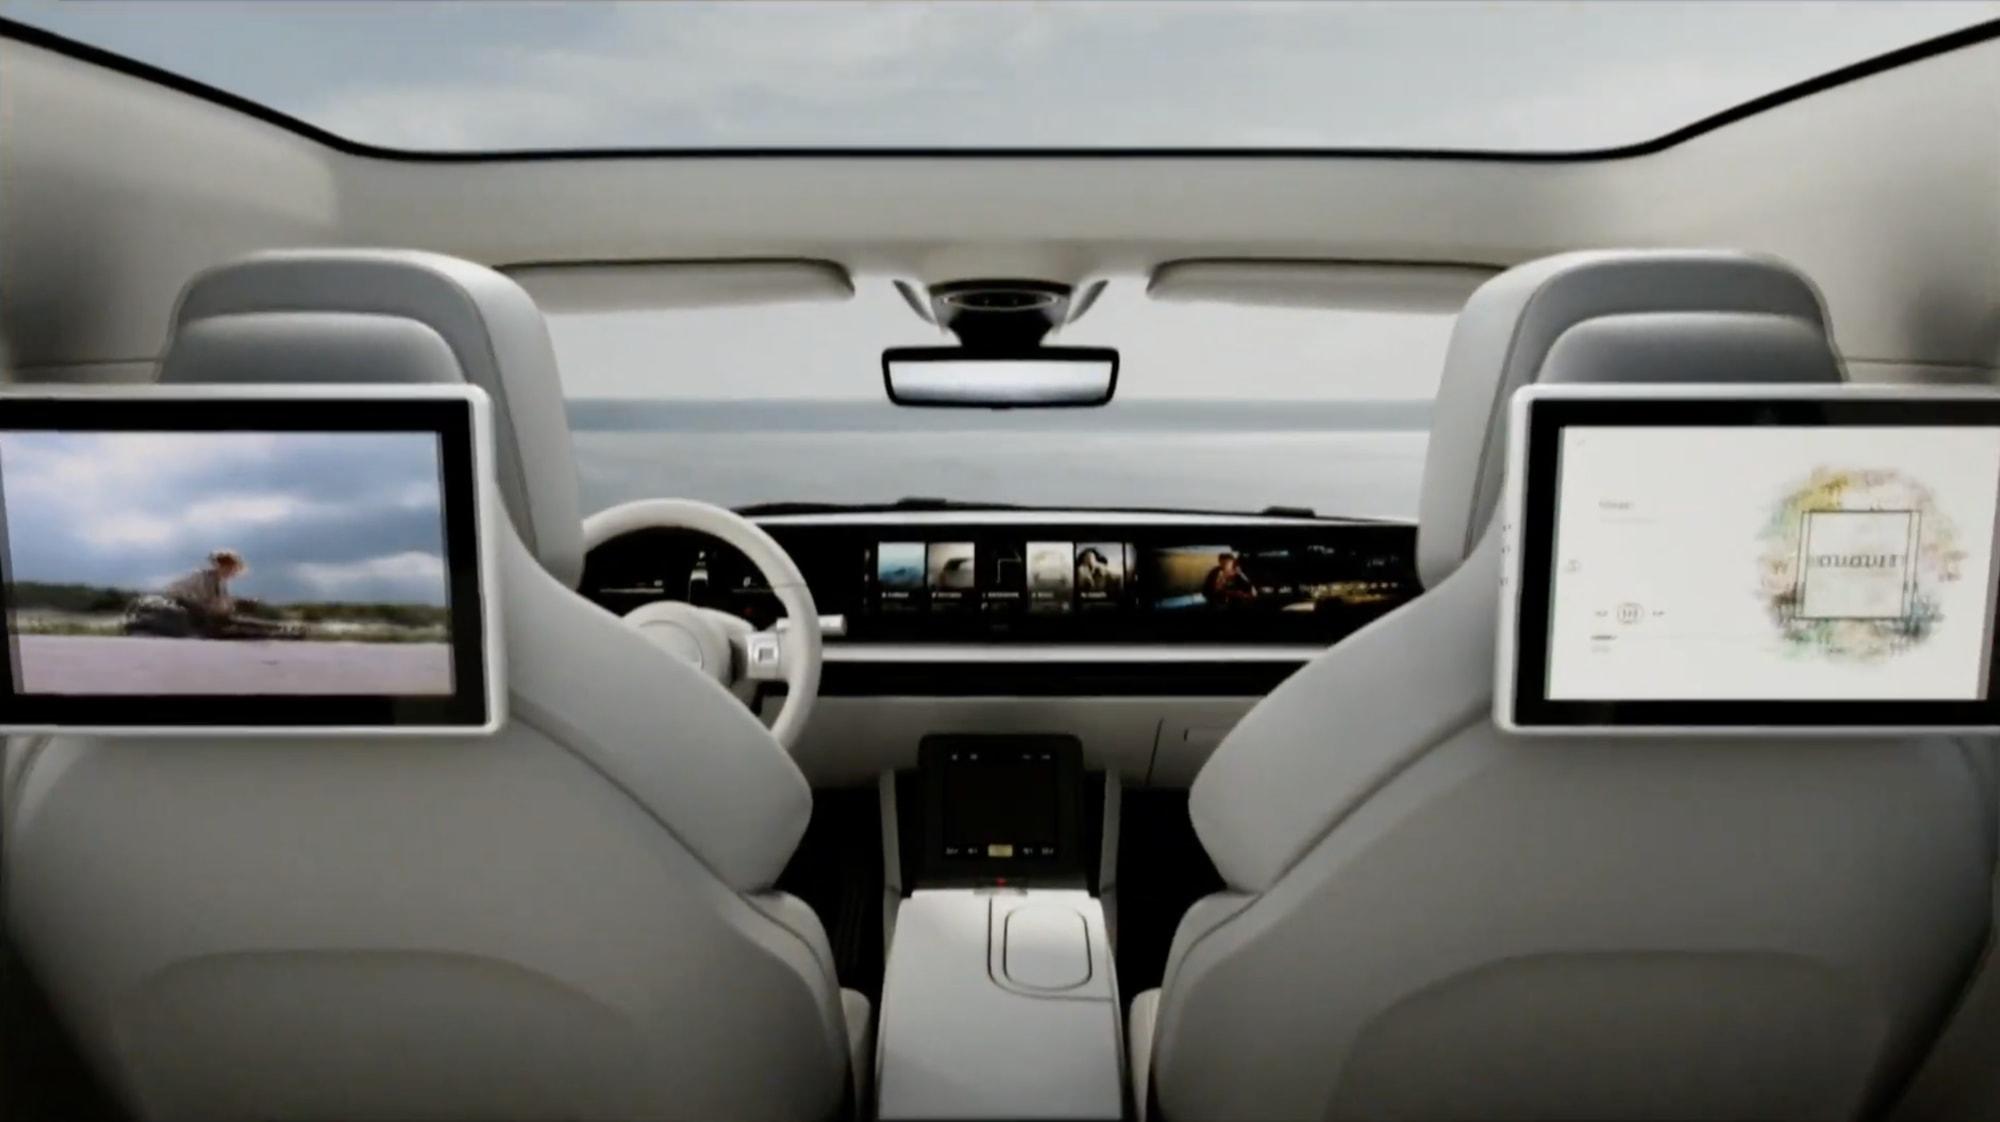 Sony bất ngờ công bố mẫu xe điện mới Vision-S tại CES 2020